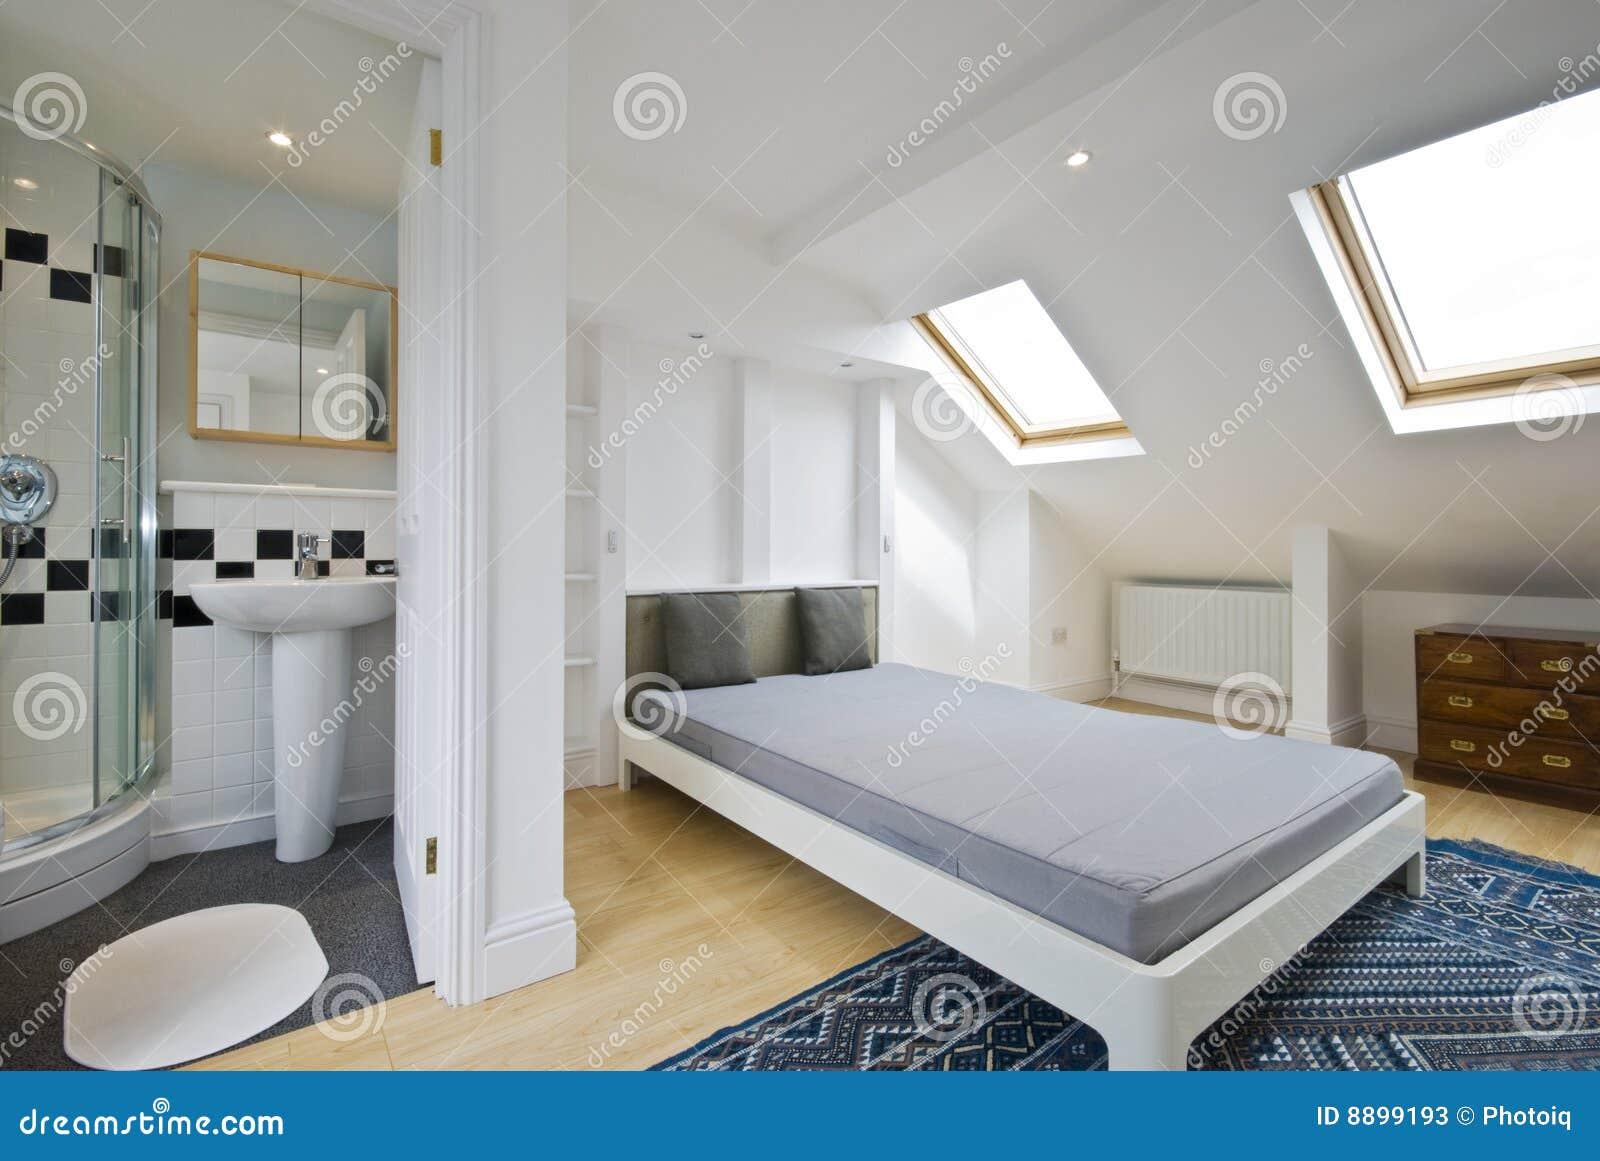 Suite D En De Chambre Coucher De Salle De Bains Image Stock